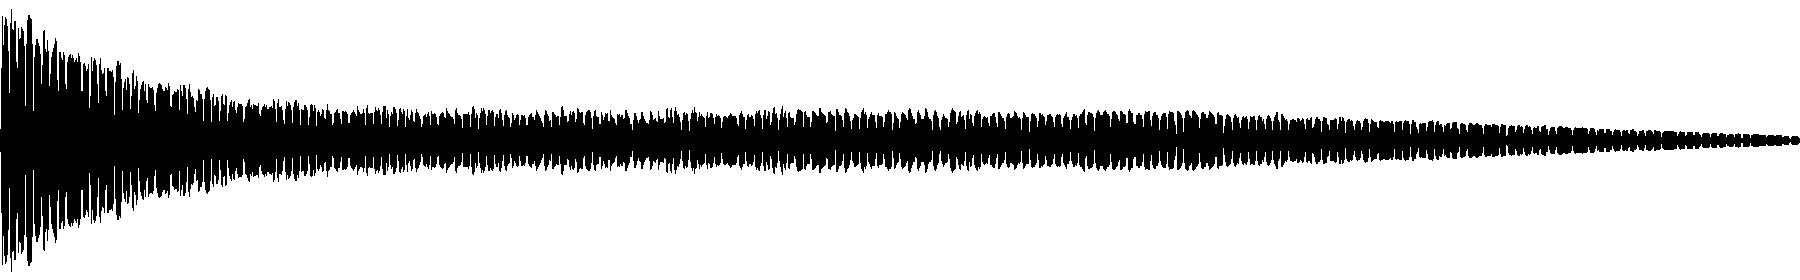 veh2 synths   089 c